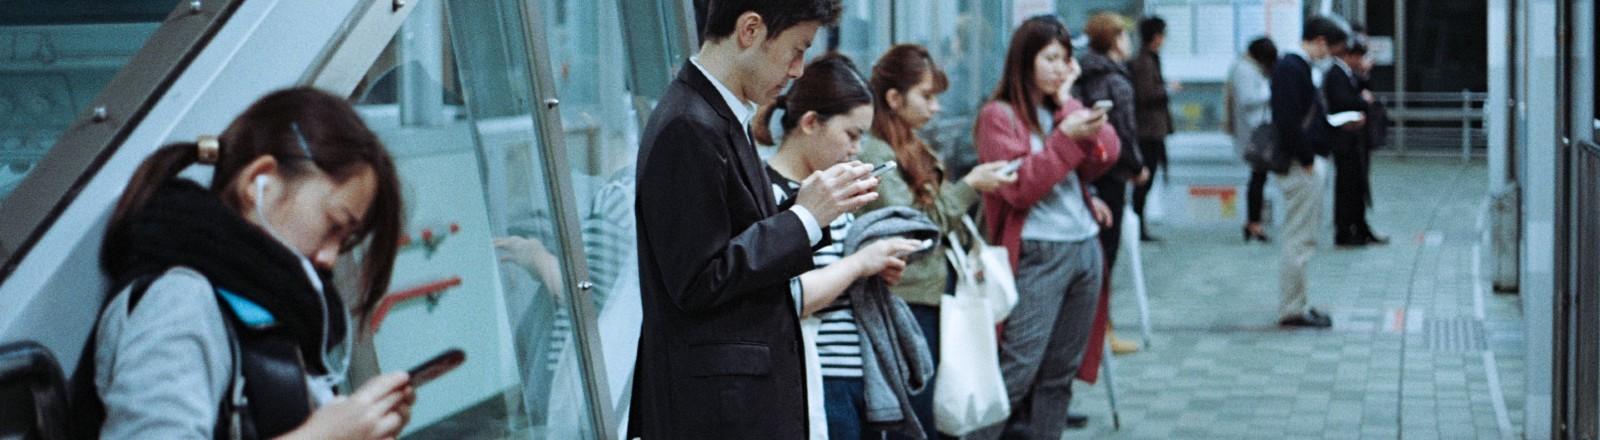 Menschen warten und schauen auf Smartphone